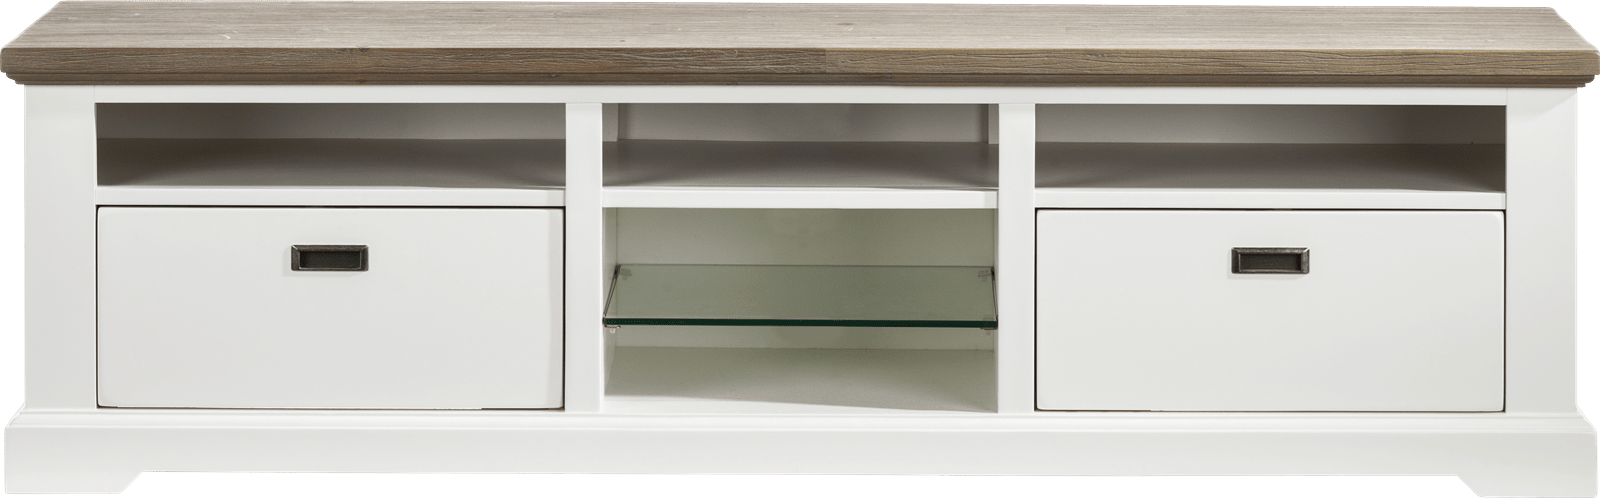 Mallorca - tv-dressoir 2-manden + 5-niches - 180 cm